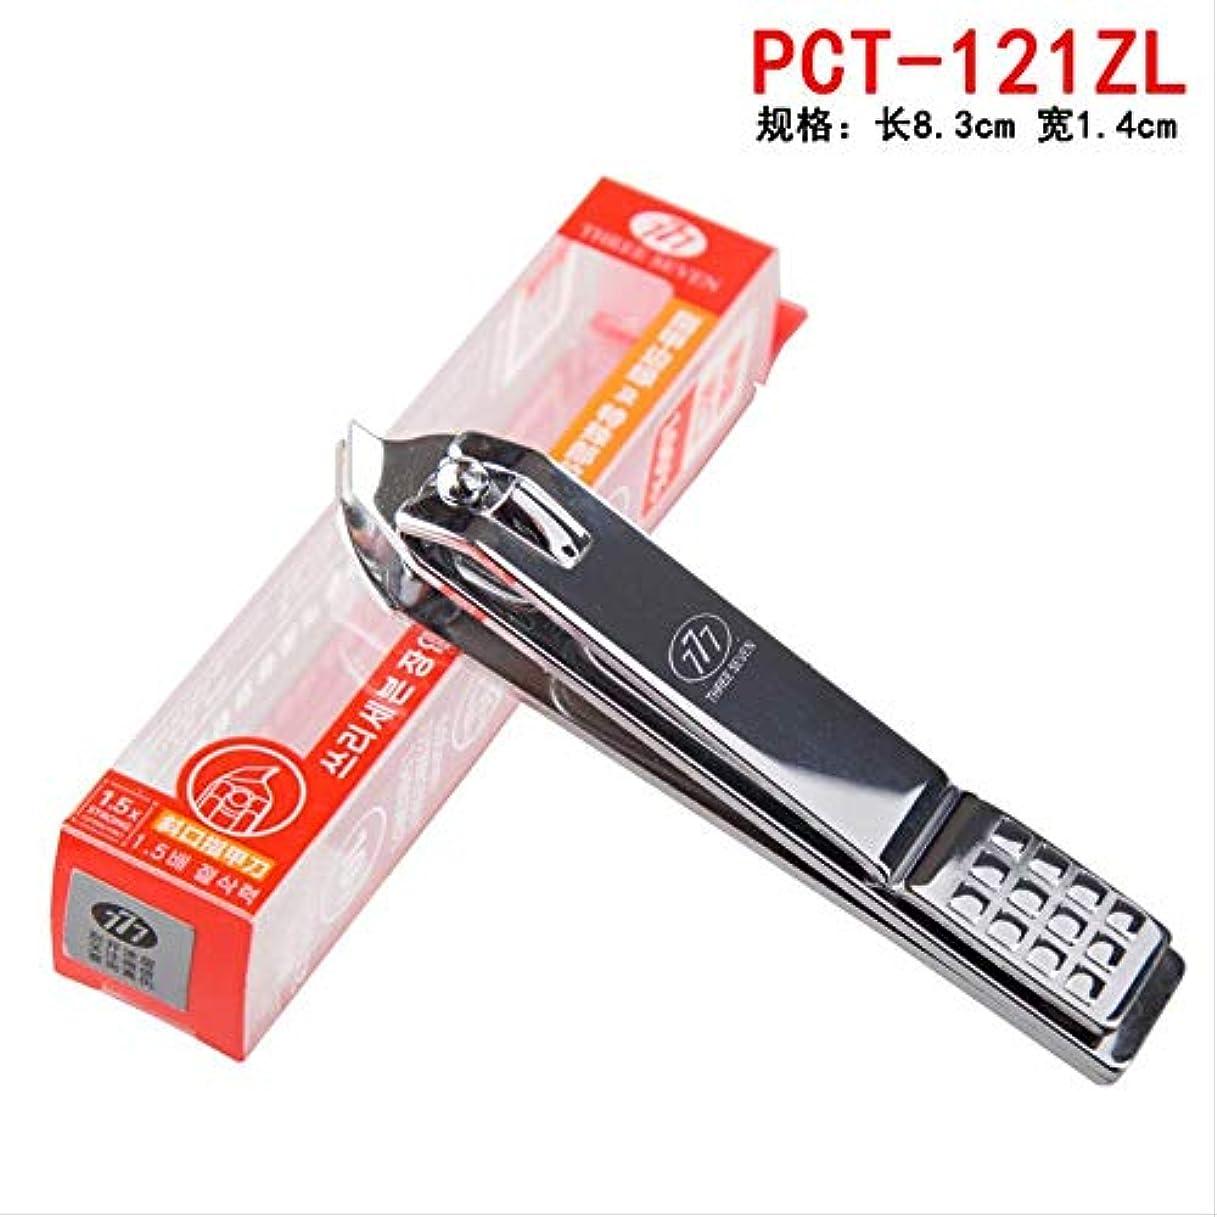 剛性どこかマントル韓国777爪切りはさみ元平口斜め爪切り小さな爪切り大本物 PCT-121ZLギフトボックス